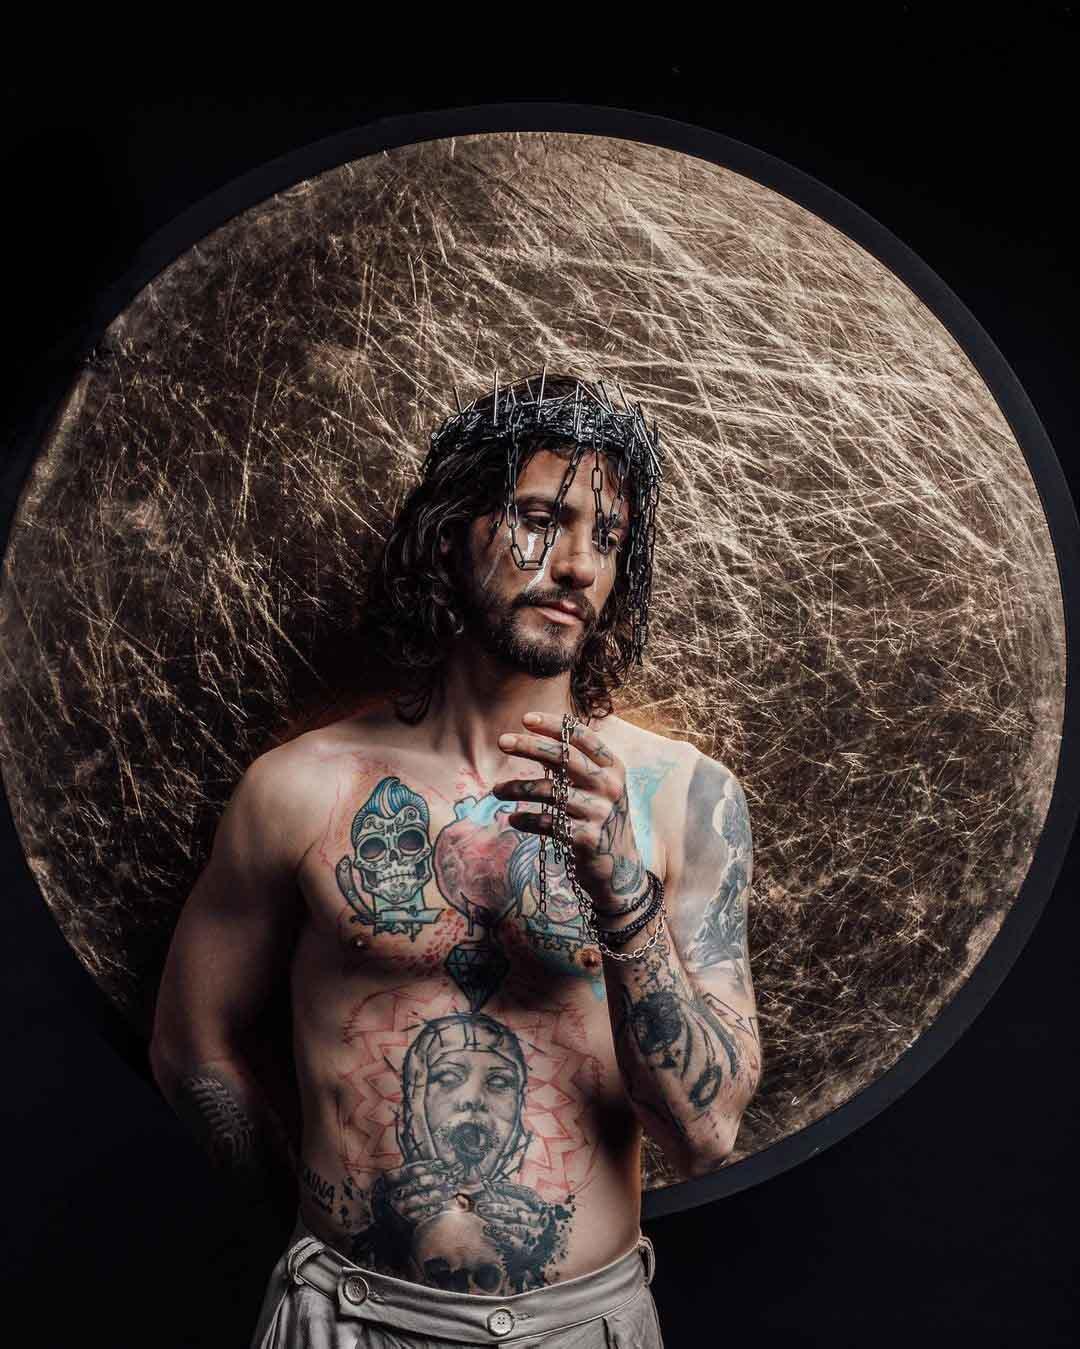 Αναστάσιος Ράμμος: Αντιδράσεις για τη φωτογράφιση που τον δείχνει σαν Ιησού στην Σταύρωση